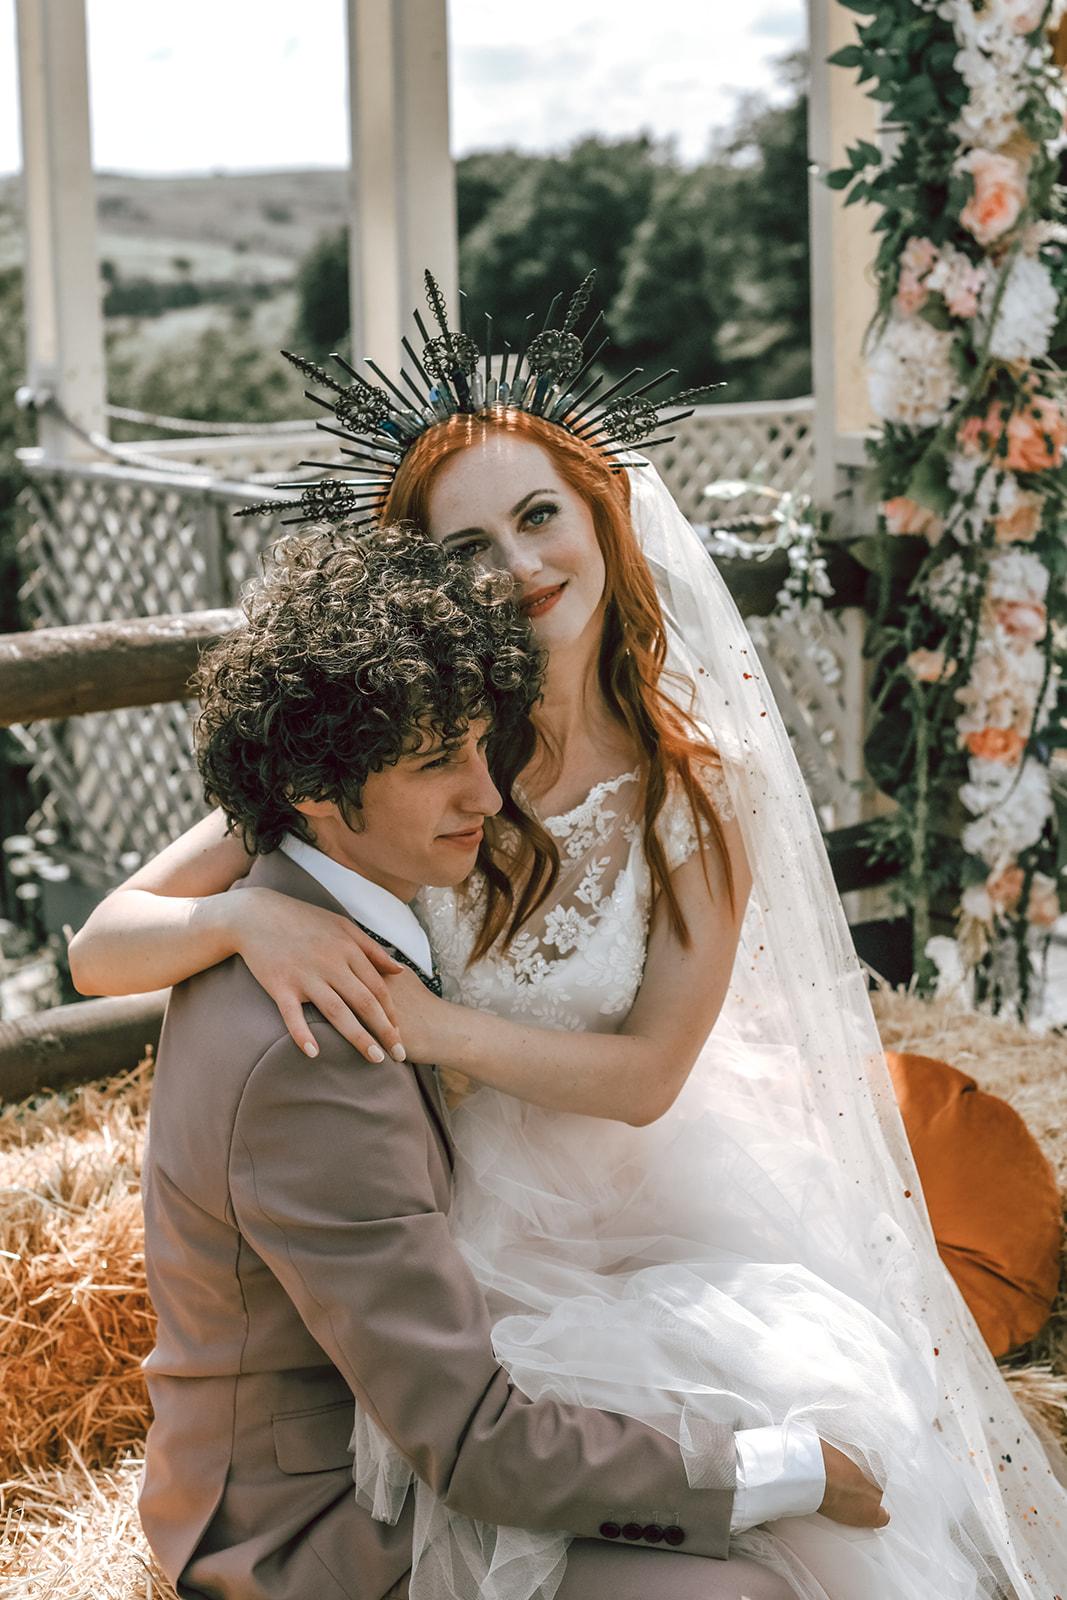 rustic festival wedding - unique wedding wear - boho outdoor wedding - unique bridal headpiece - wedding crown